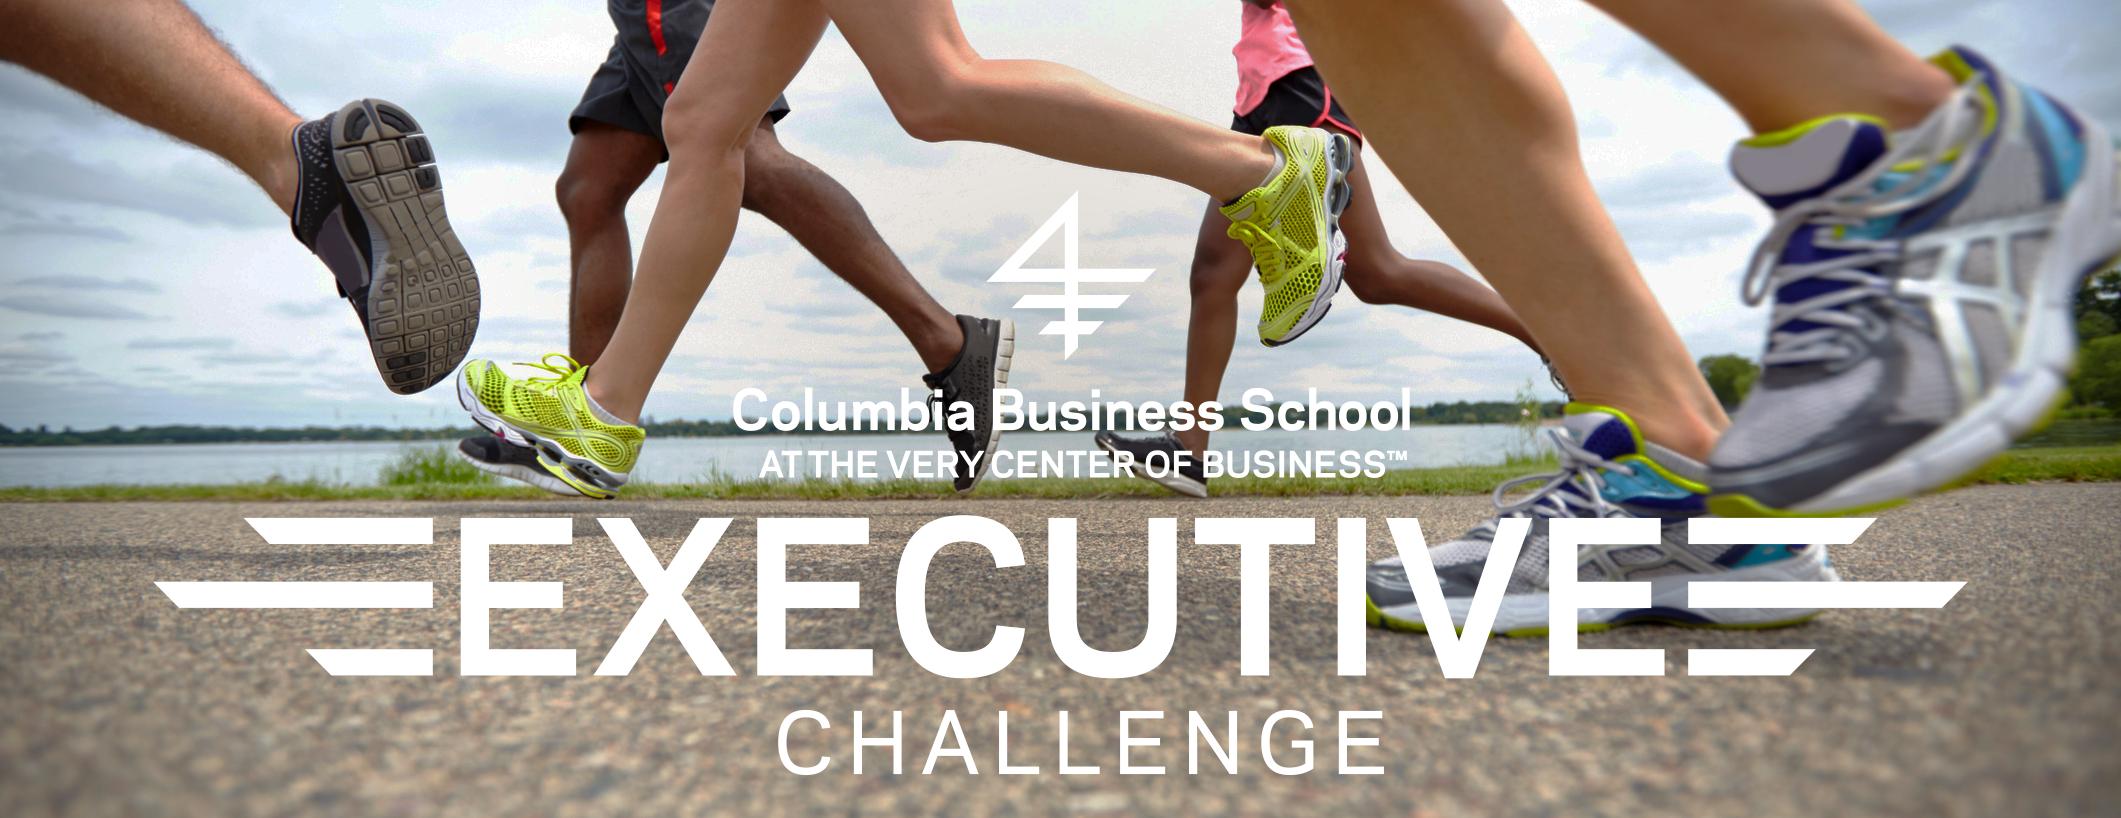 Executive Challenge